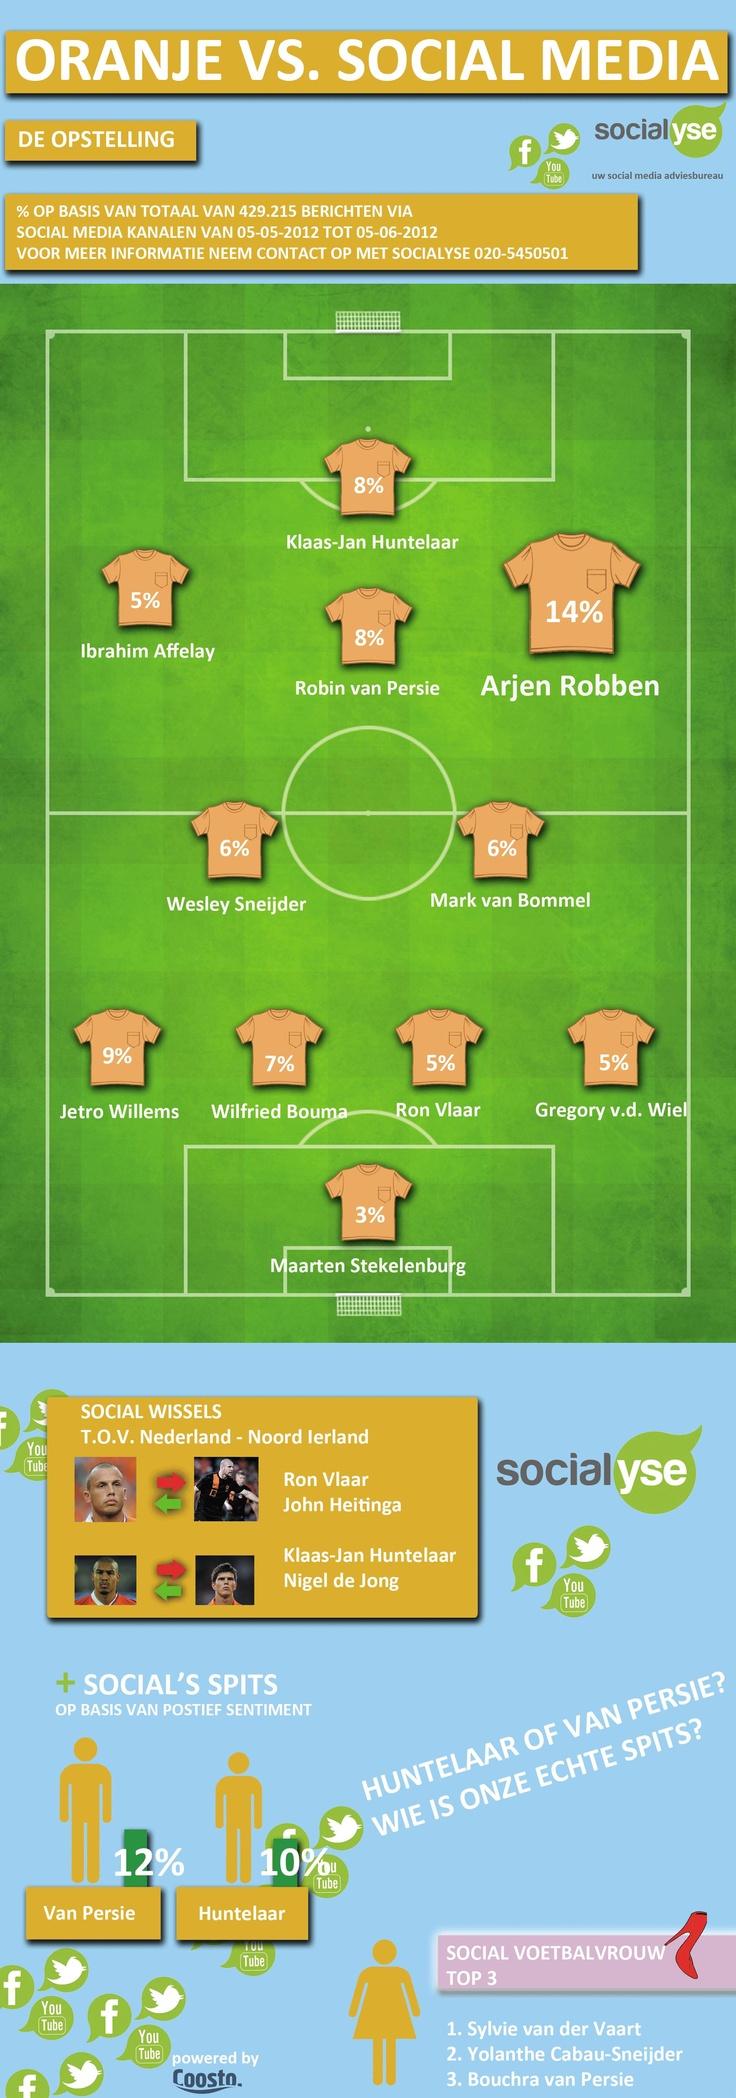 [Infographic] [Sorry in Dutch] Voetbalteam van Oranje! De Nederlandse opstelling van Zaterdag aan de hand van Social Media buzz